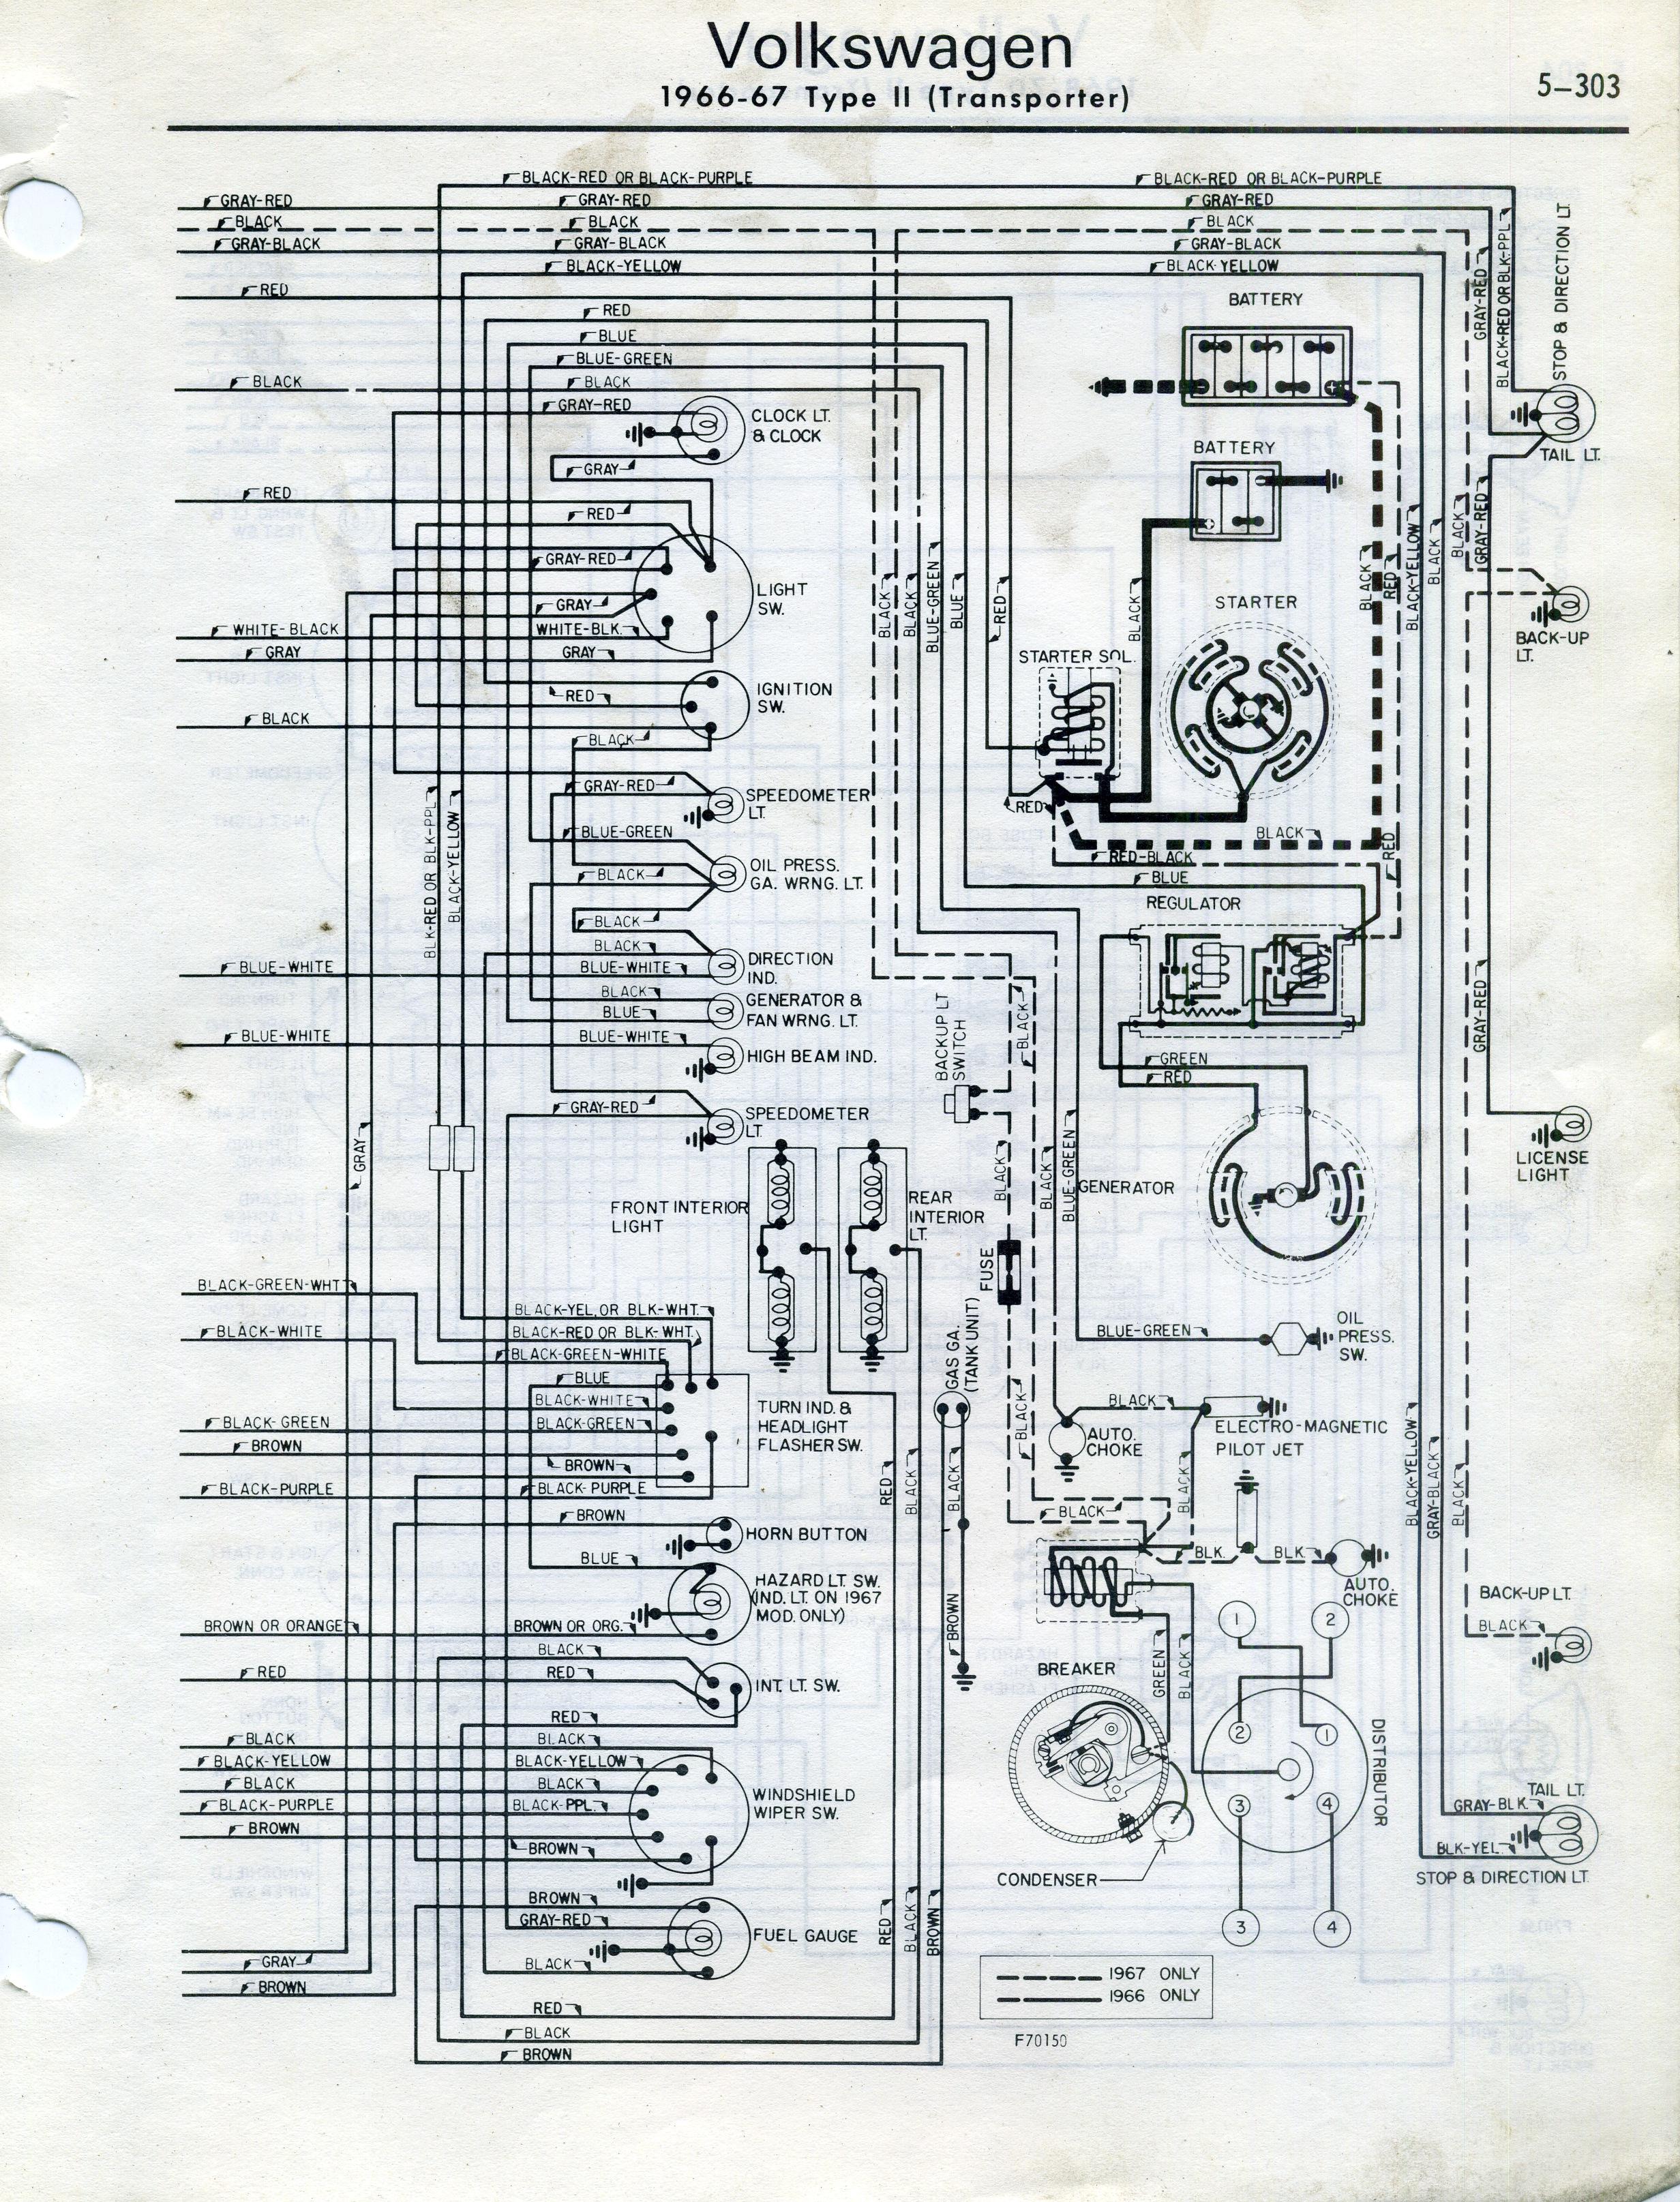 Sensational Vw T4 Wiring Diagram Wiring Diagram Wiring Cloud Rineaidewilluminateatxorg